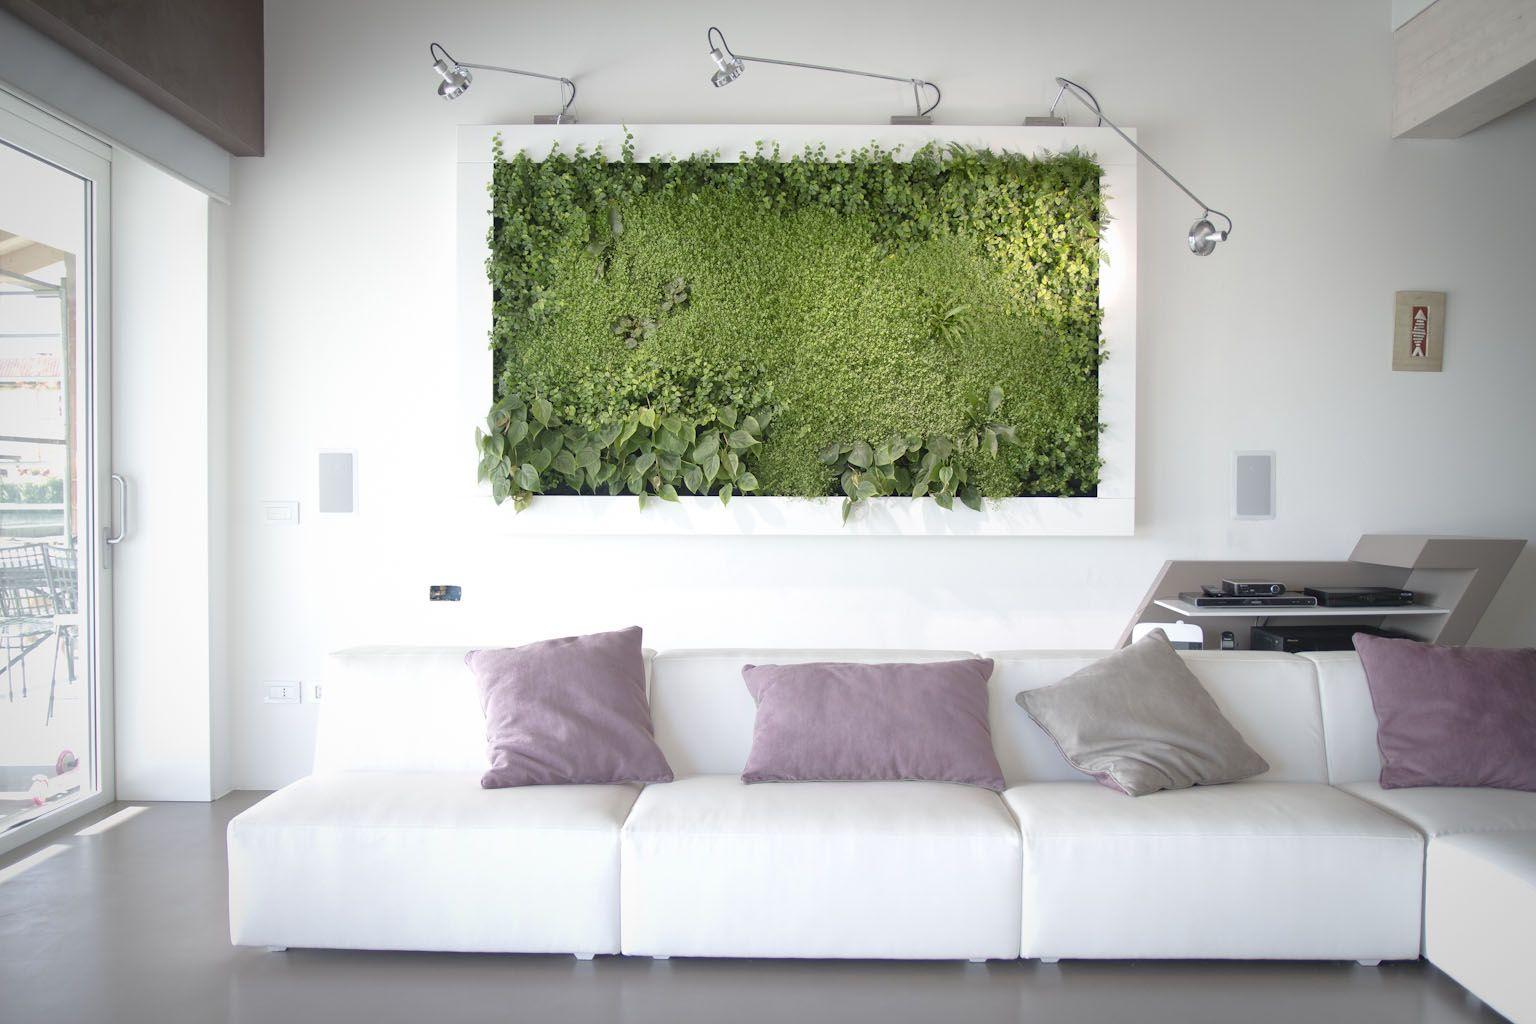 Natura da appendere: quadri vegetali e installazioni di feltro